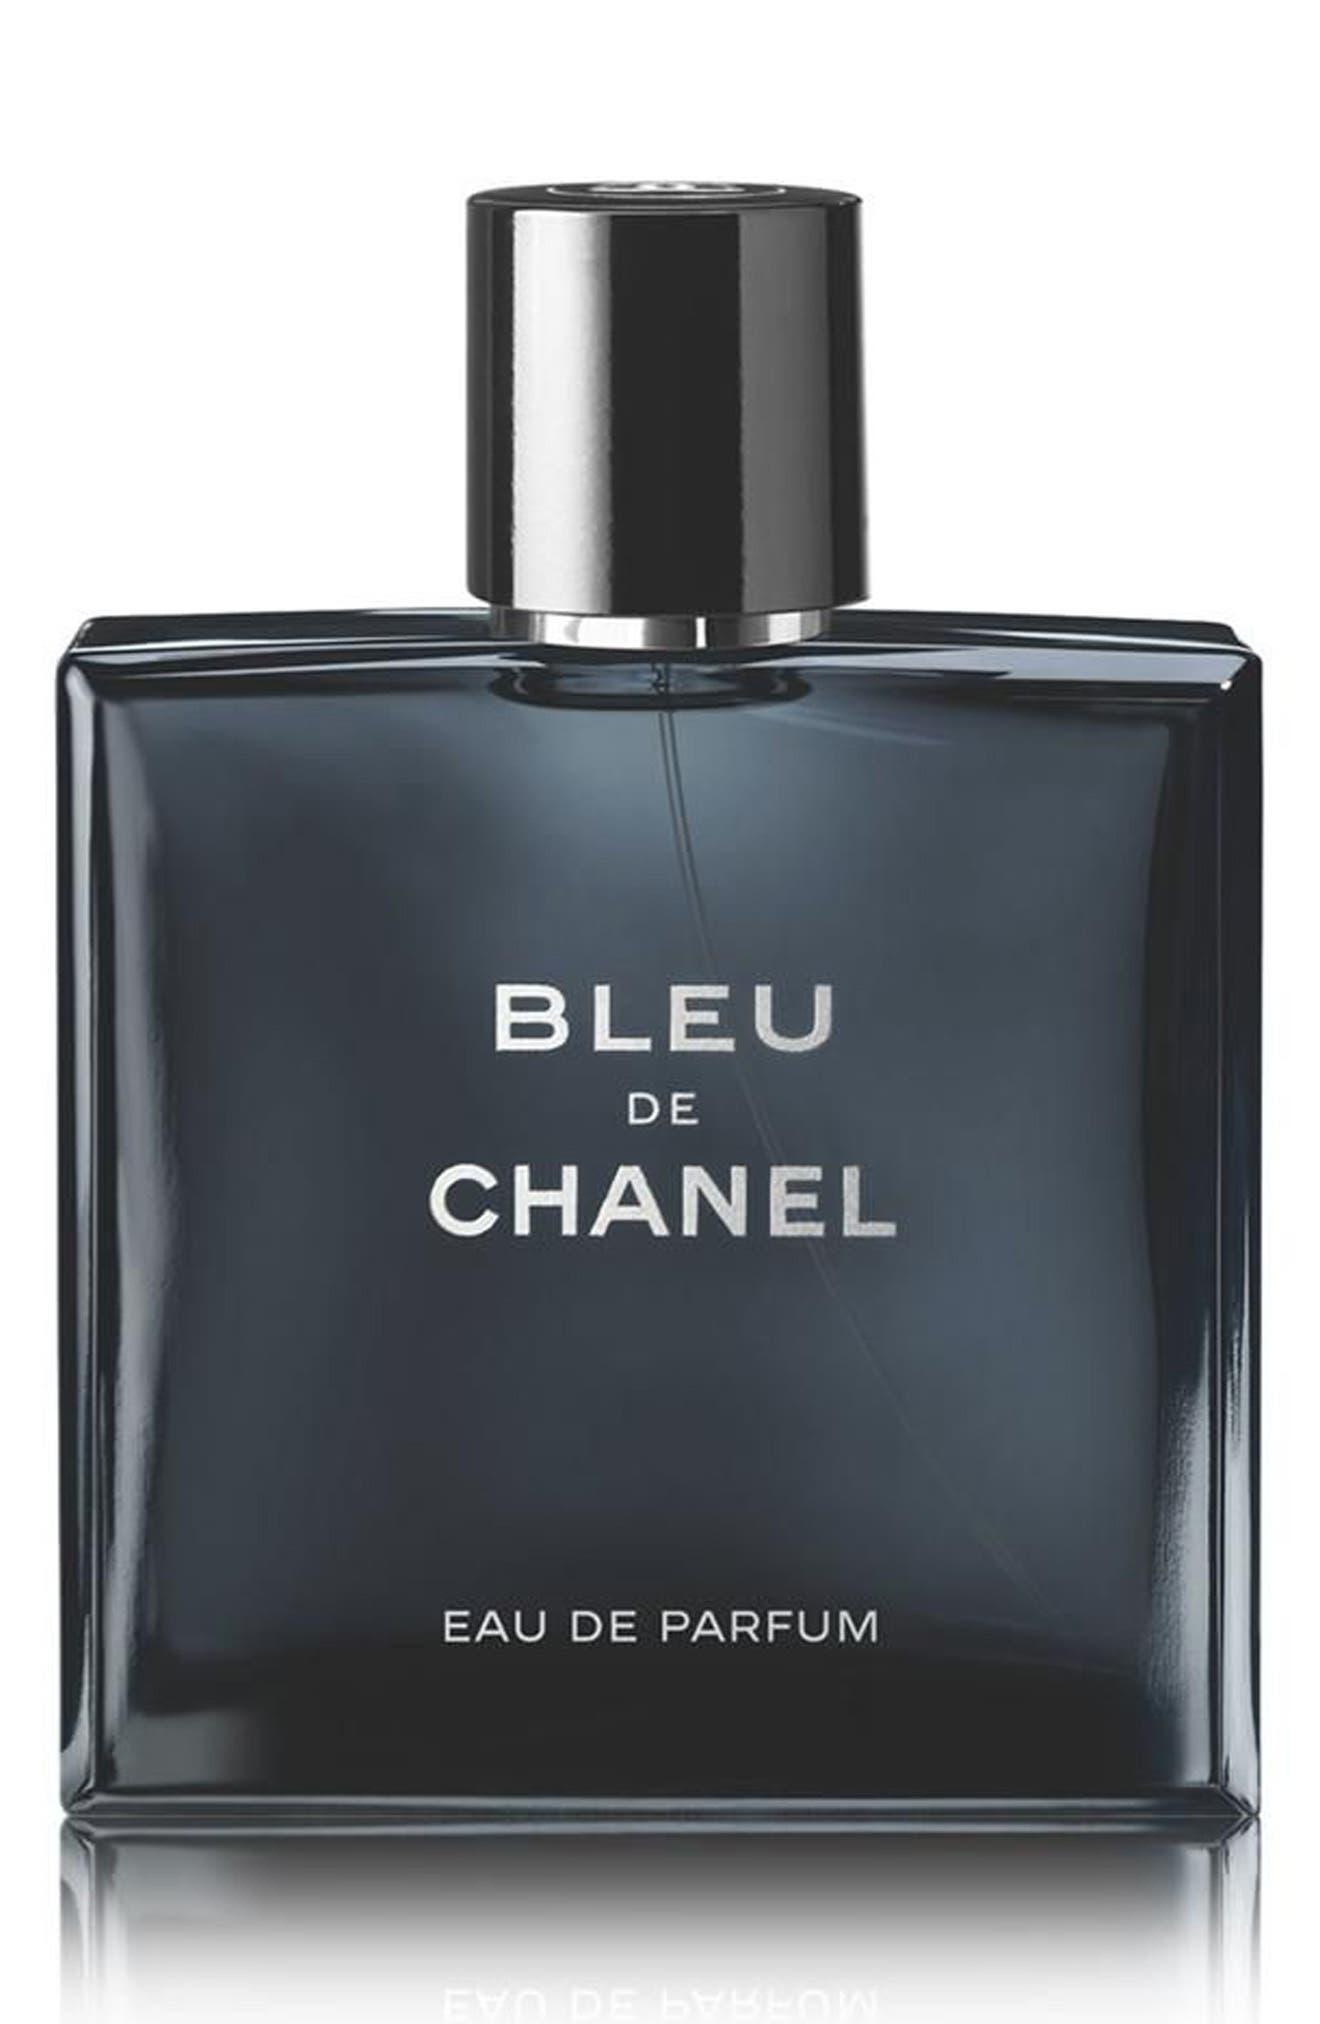 Main Image - CHANEL BLEU DE CHANEL  Eau de Parfum Pour Homme Spray (Limited Edition)